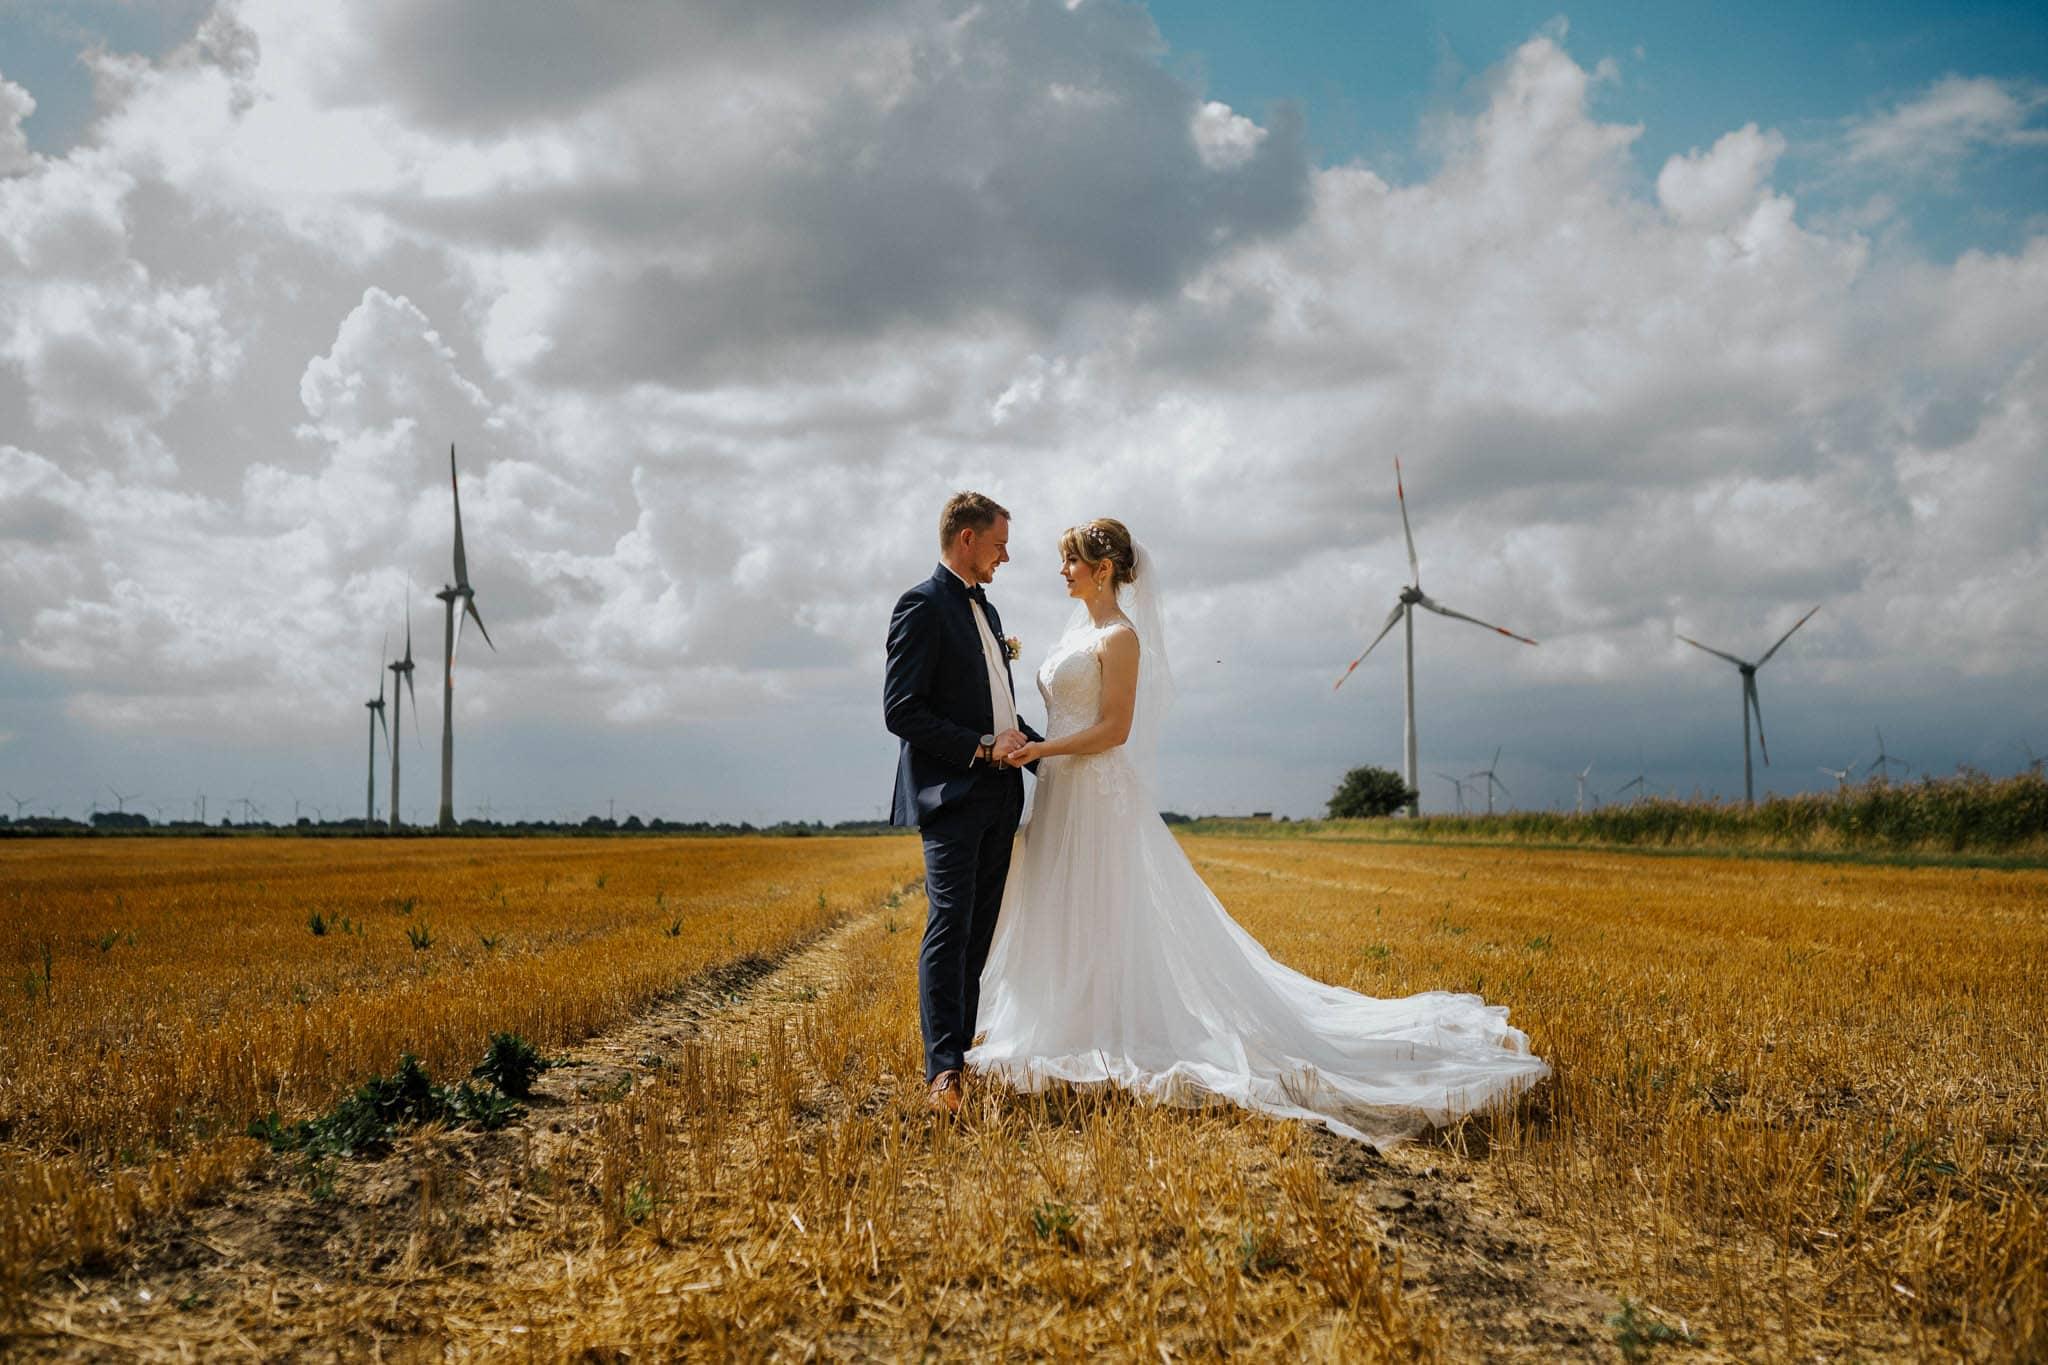 Hochzeitsfieber by Photo-Schomburg, Hoichzeitsfotograf, Hamburg, Wedding, Weddingtime, Hochzeitspaar, Braut, Bräutigam, Hochzeit im Norden,-77